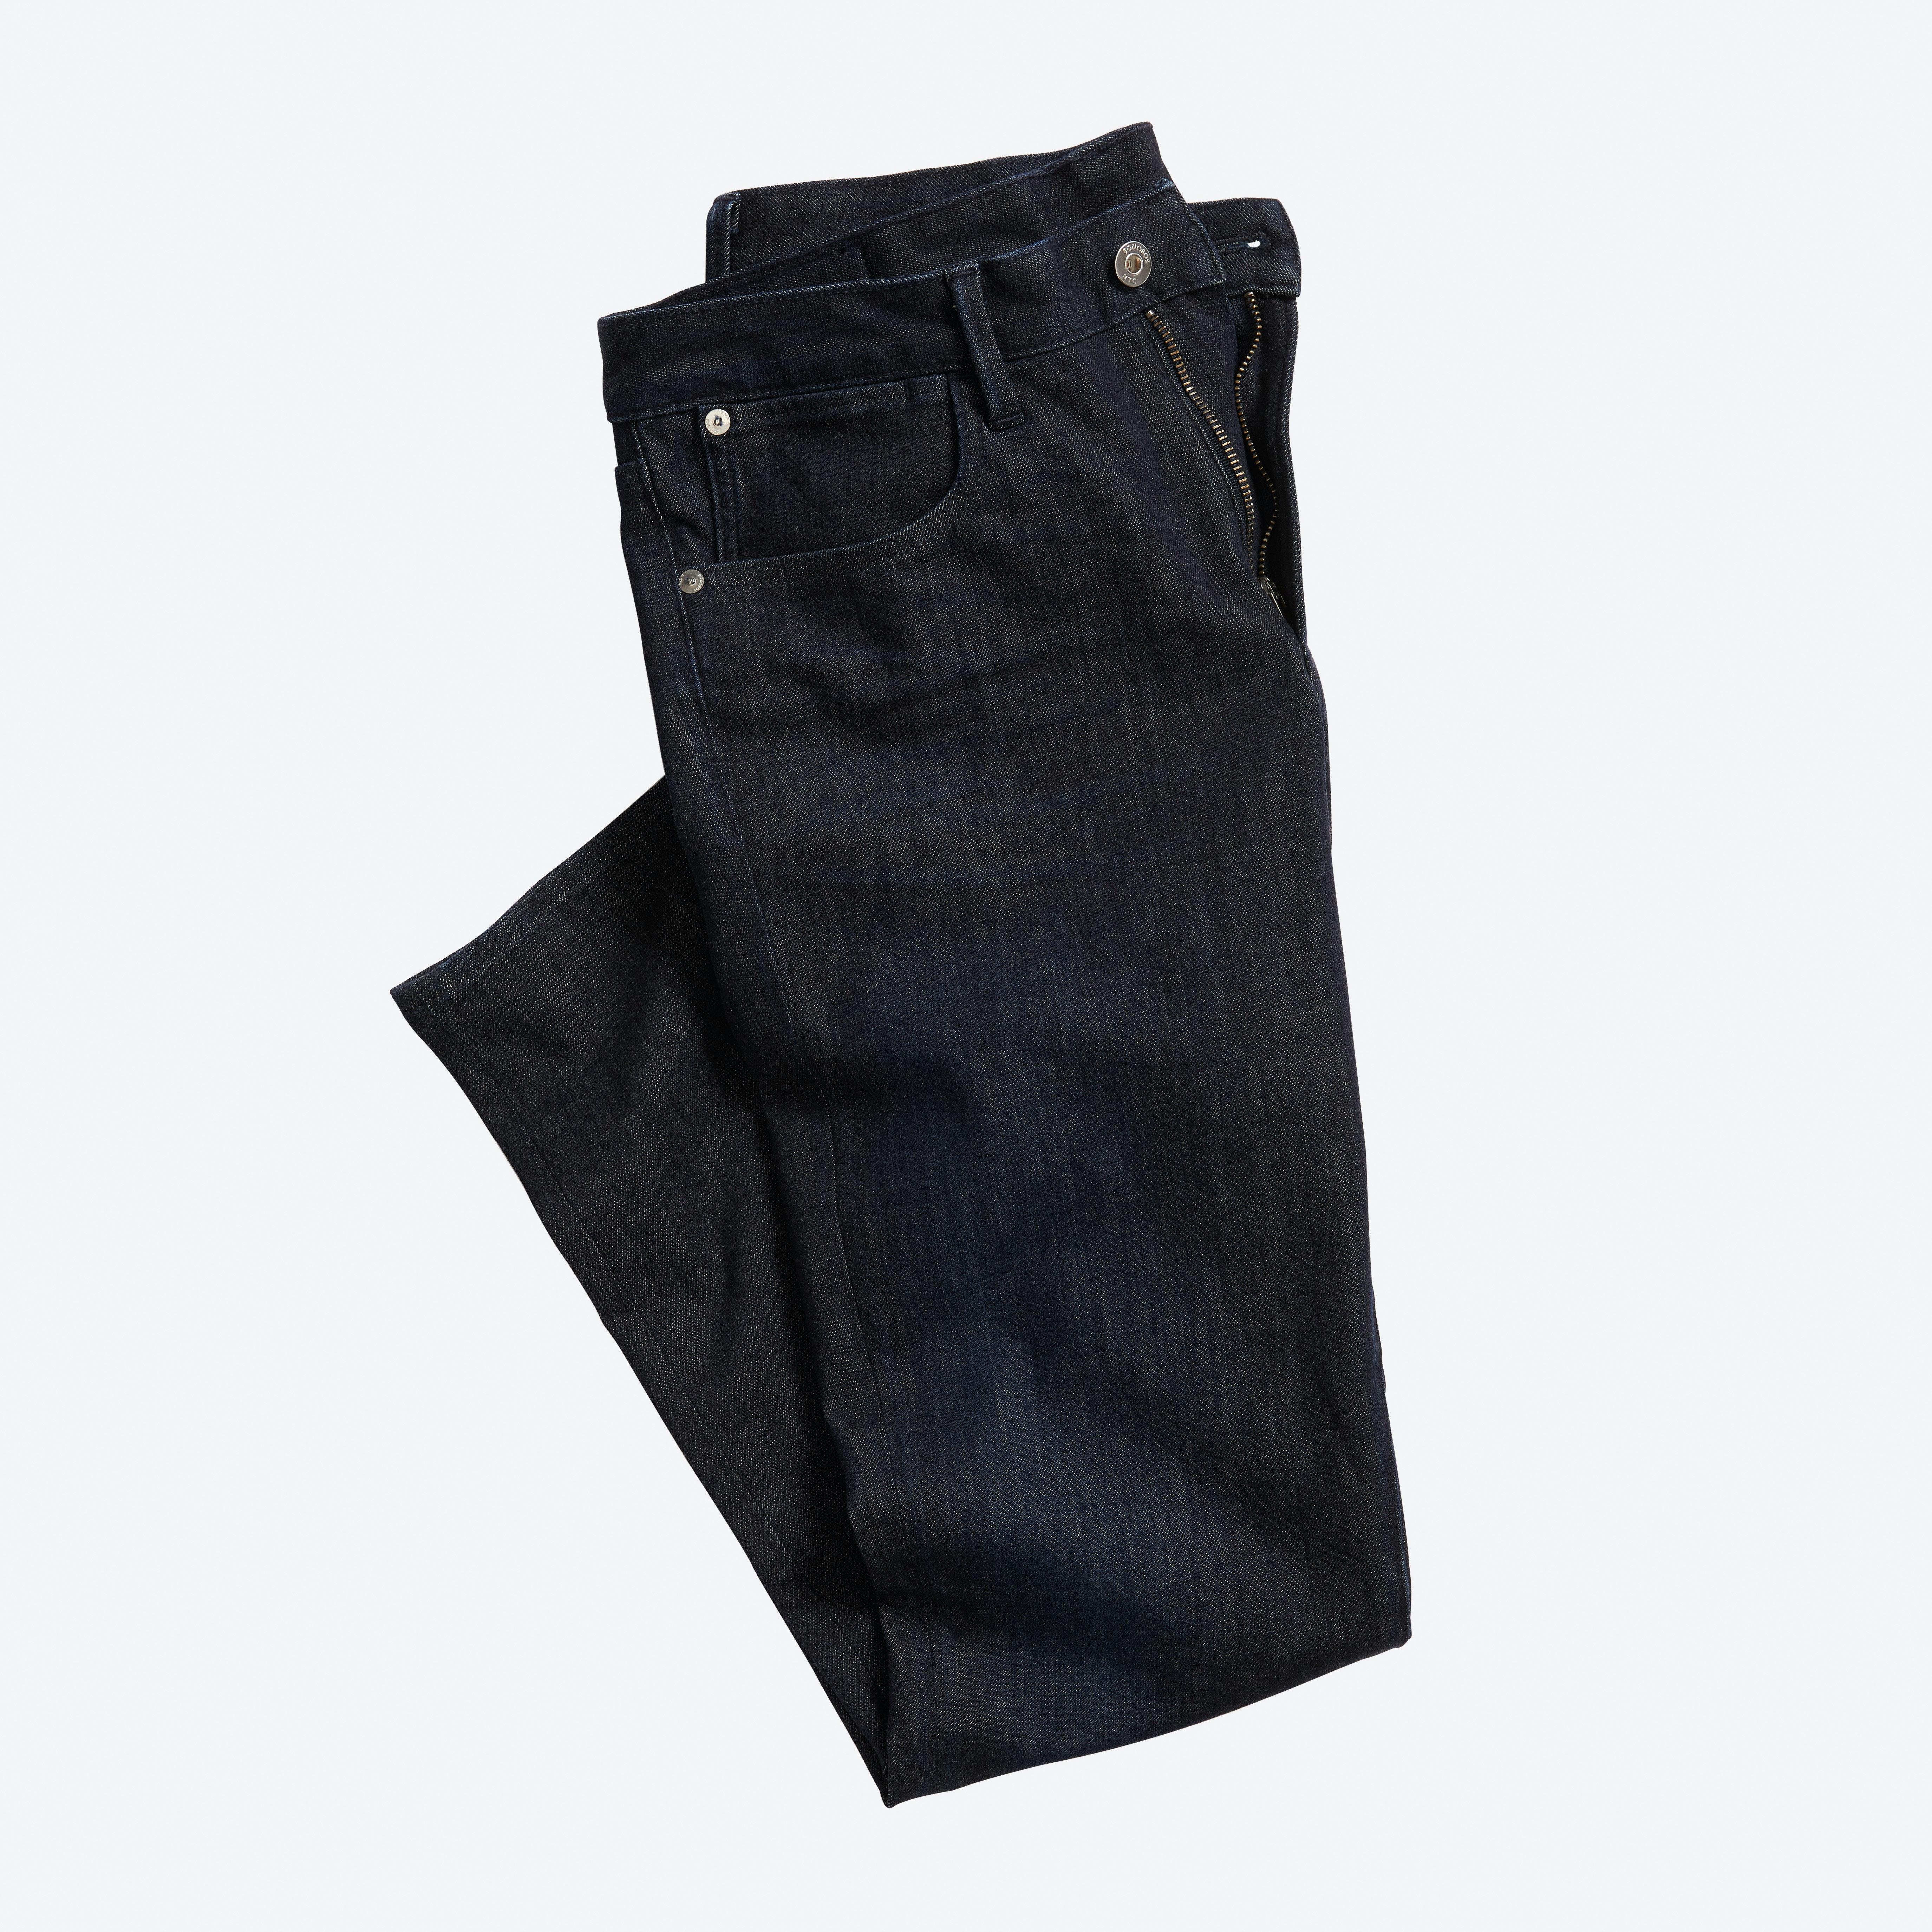 4-Way Stretch Jeans